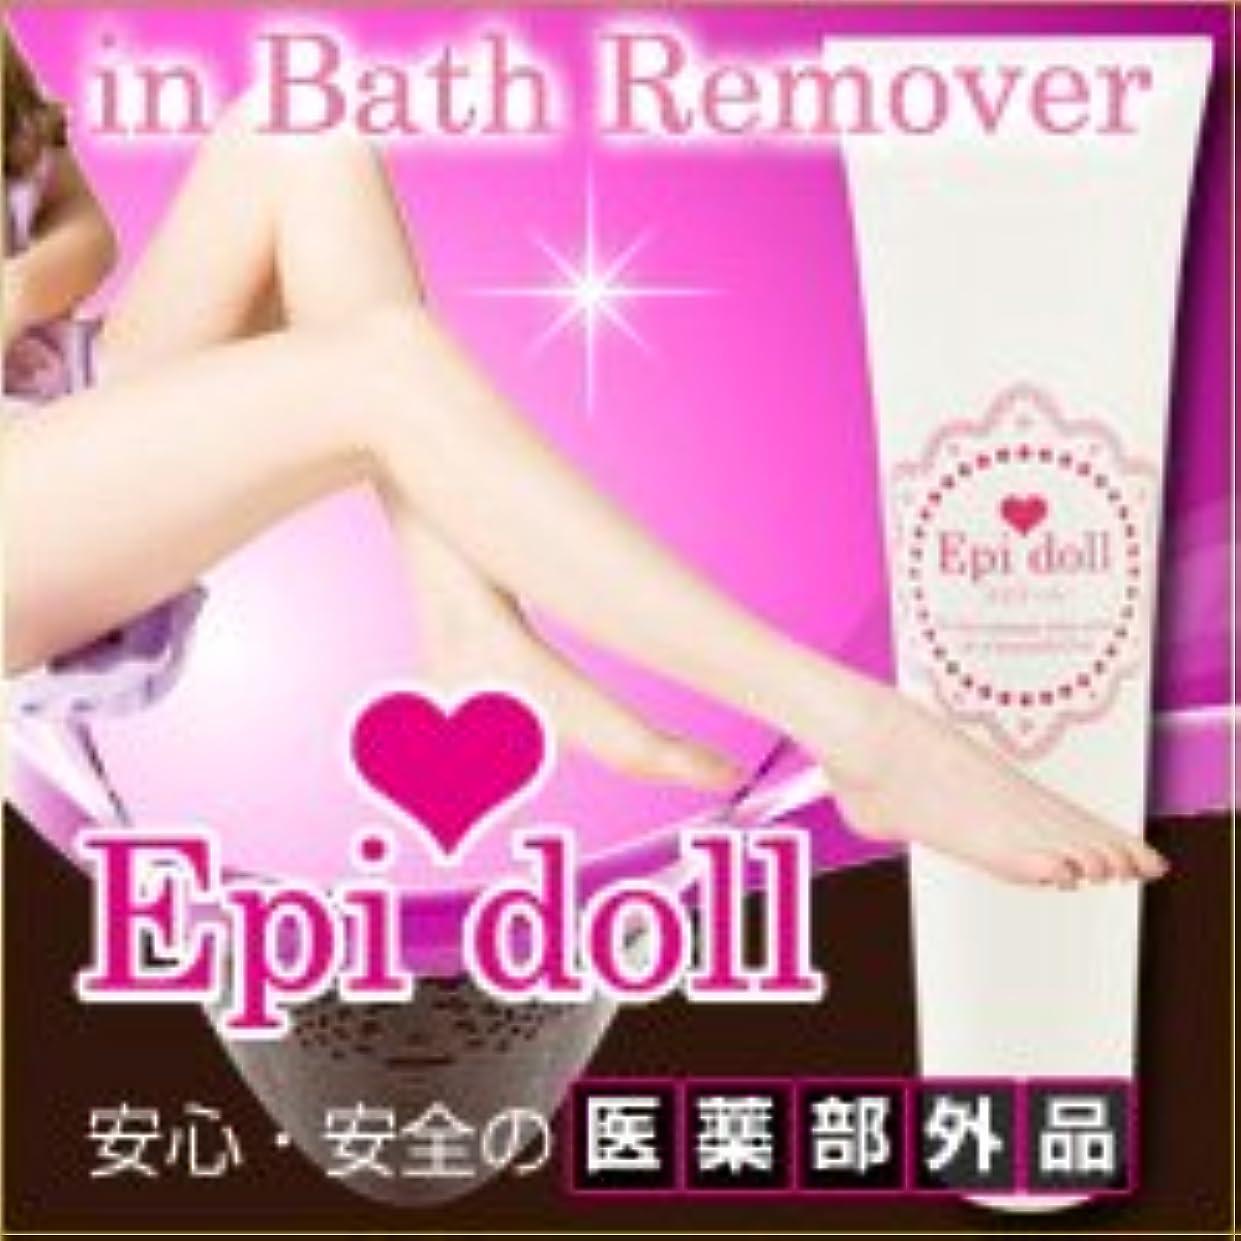 透過性ホーン親【医薬部外品 Epi doll in bath remover(エピドール インバスリムーバー)】